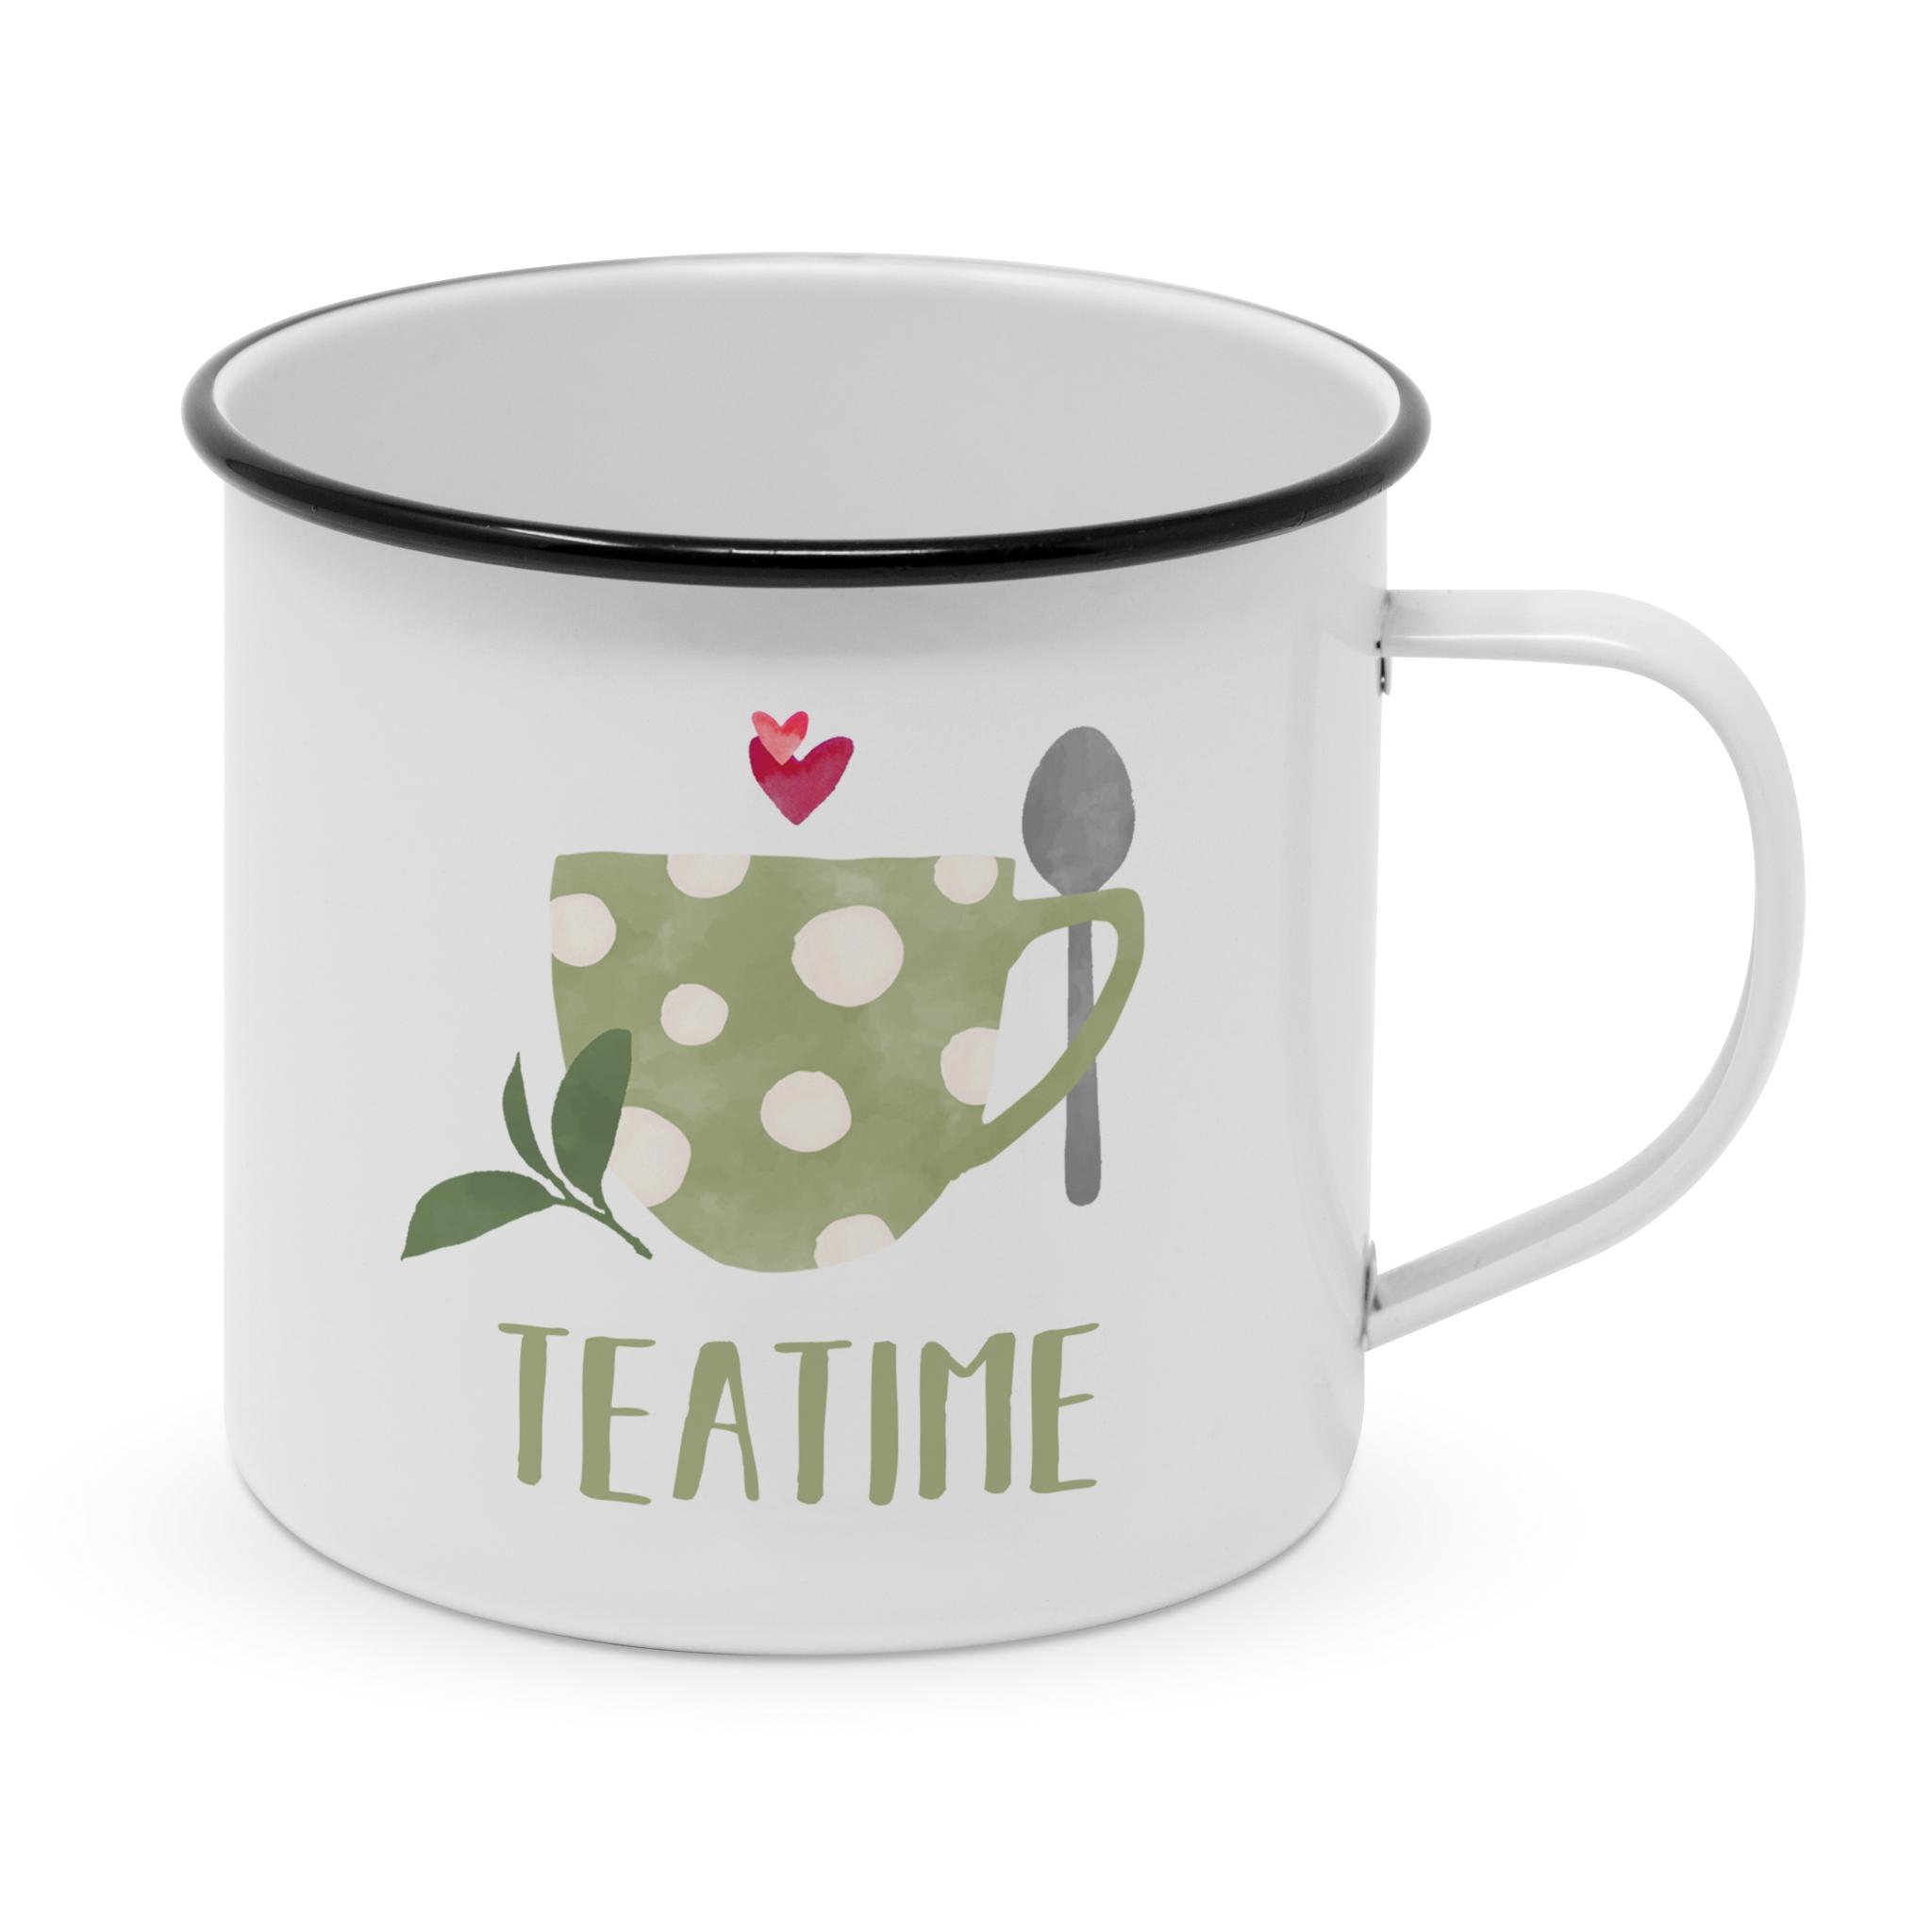 Tazza in metallo - Happy Metal Mug Tea Time